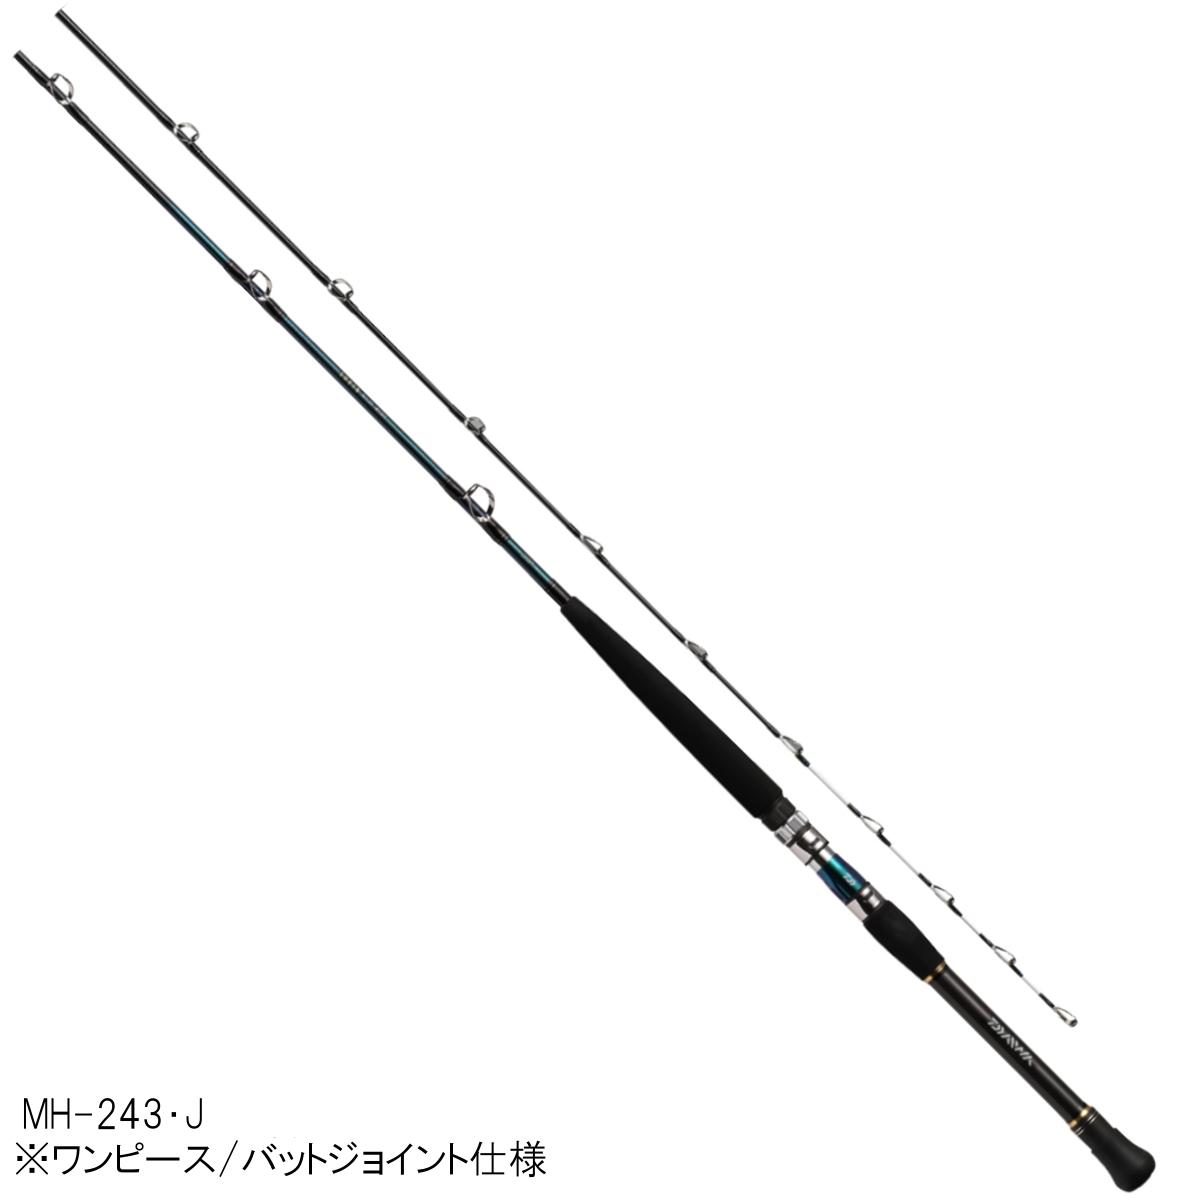 ダイワ ゴウイン 落とし込み MH-243・J【大型商品】